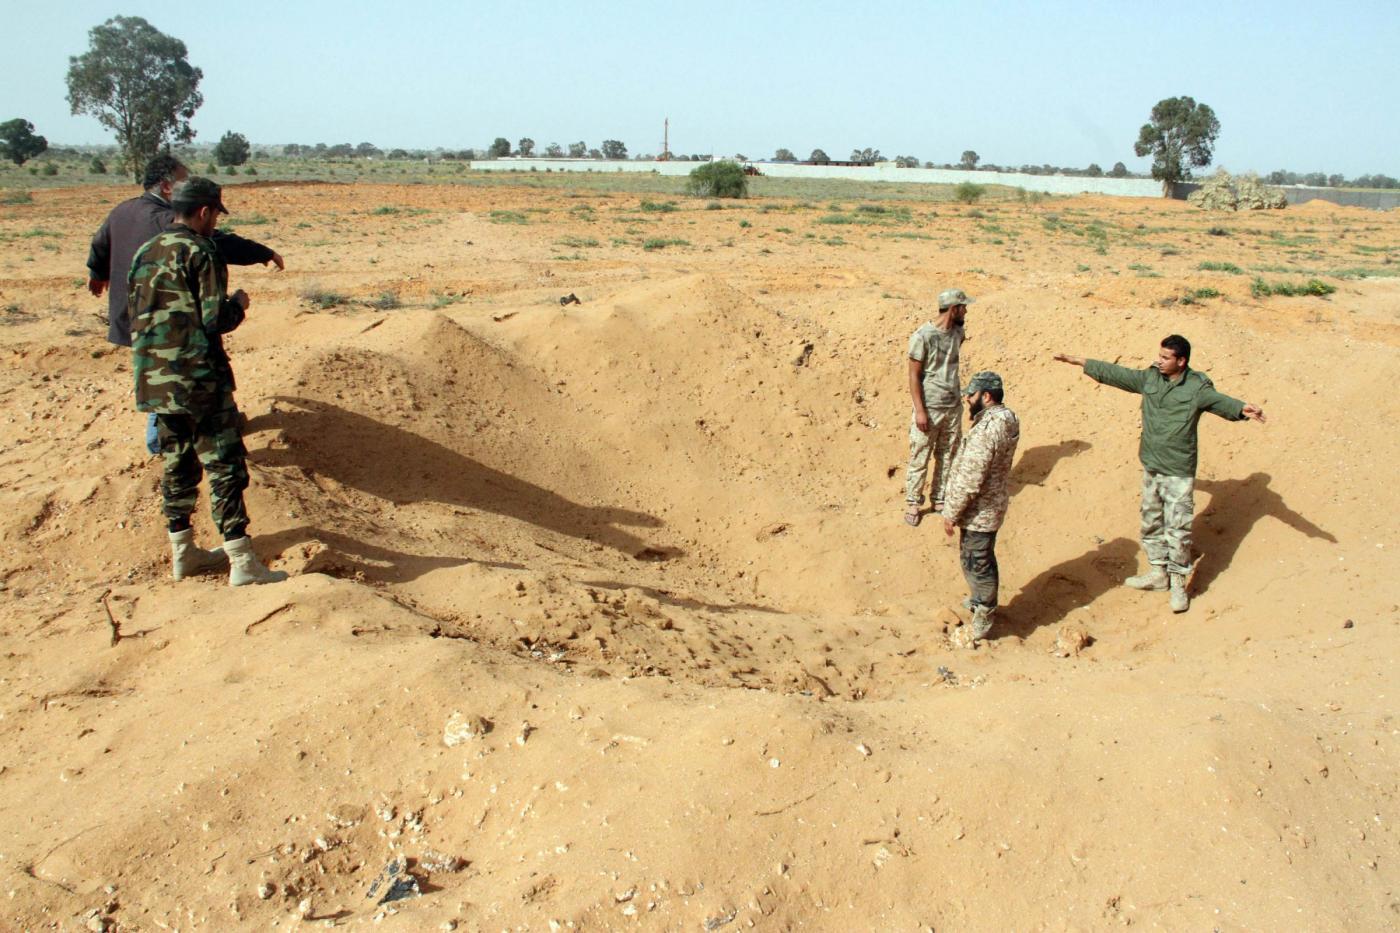 Italiani rapiti in Libia: si teme per quattro connazionali finiti nelle mani dell'Isis